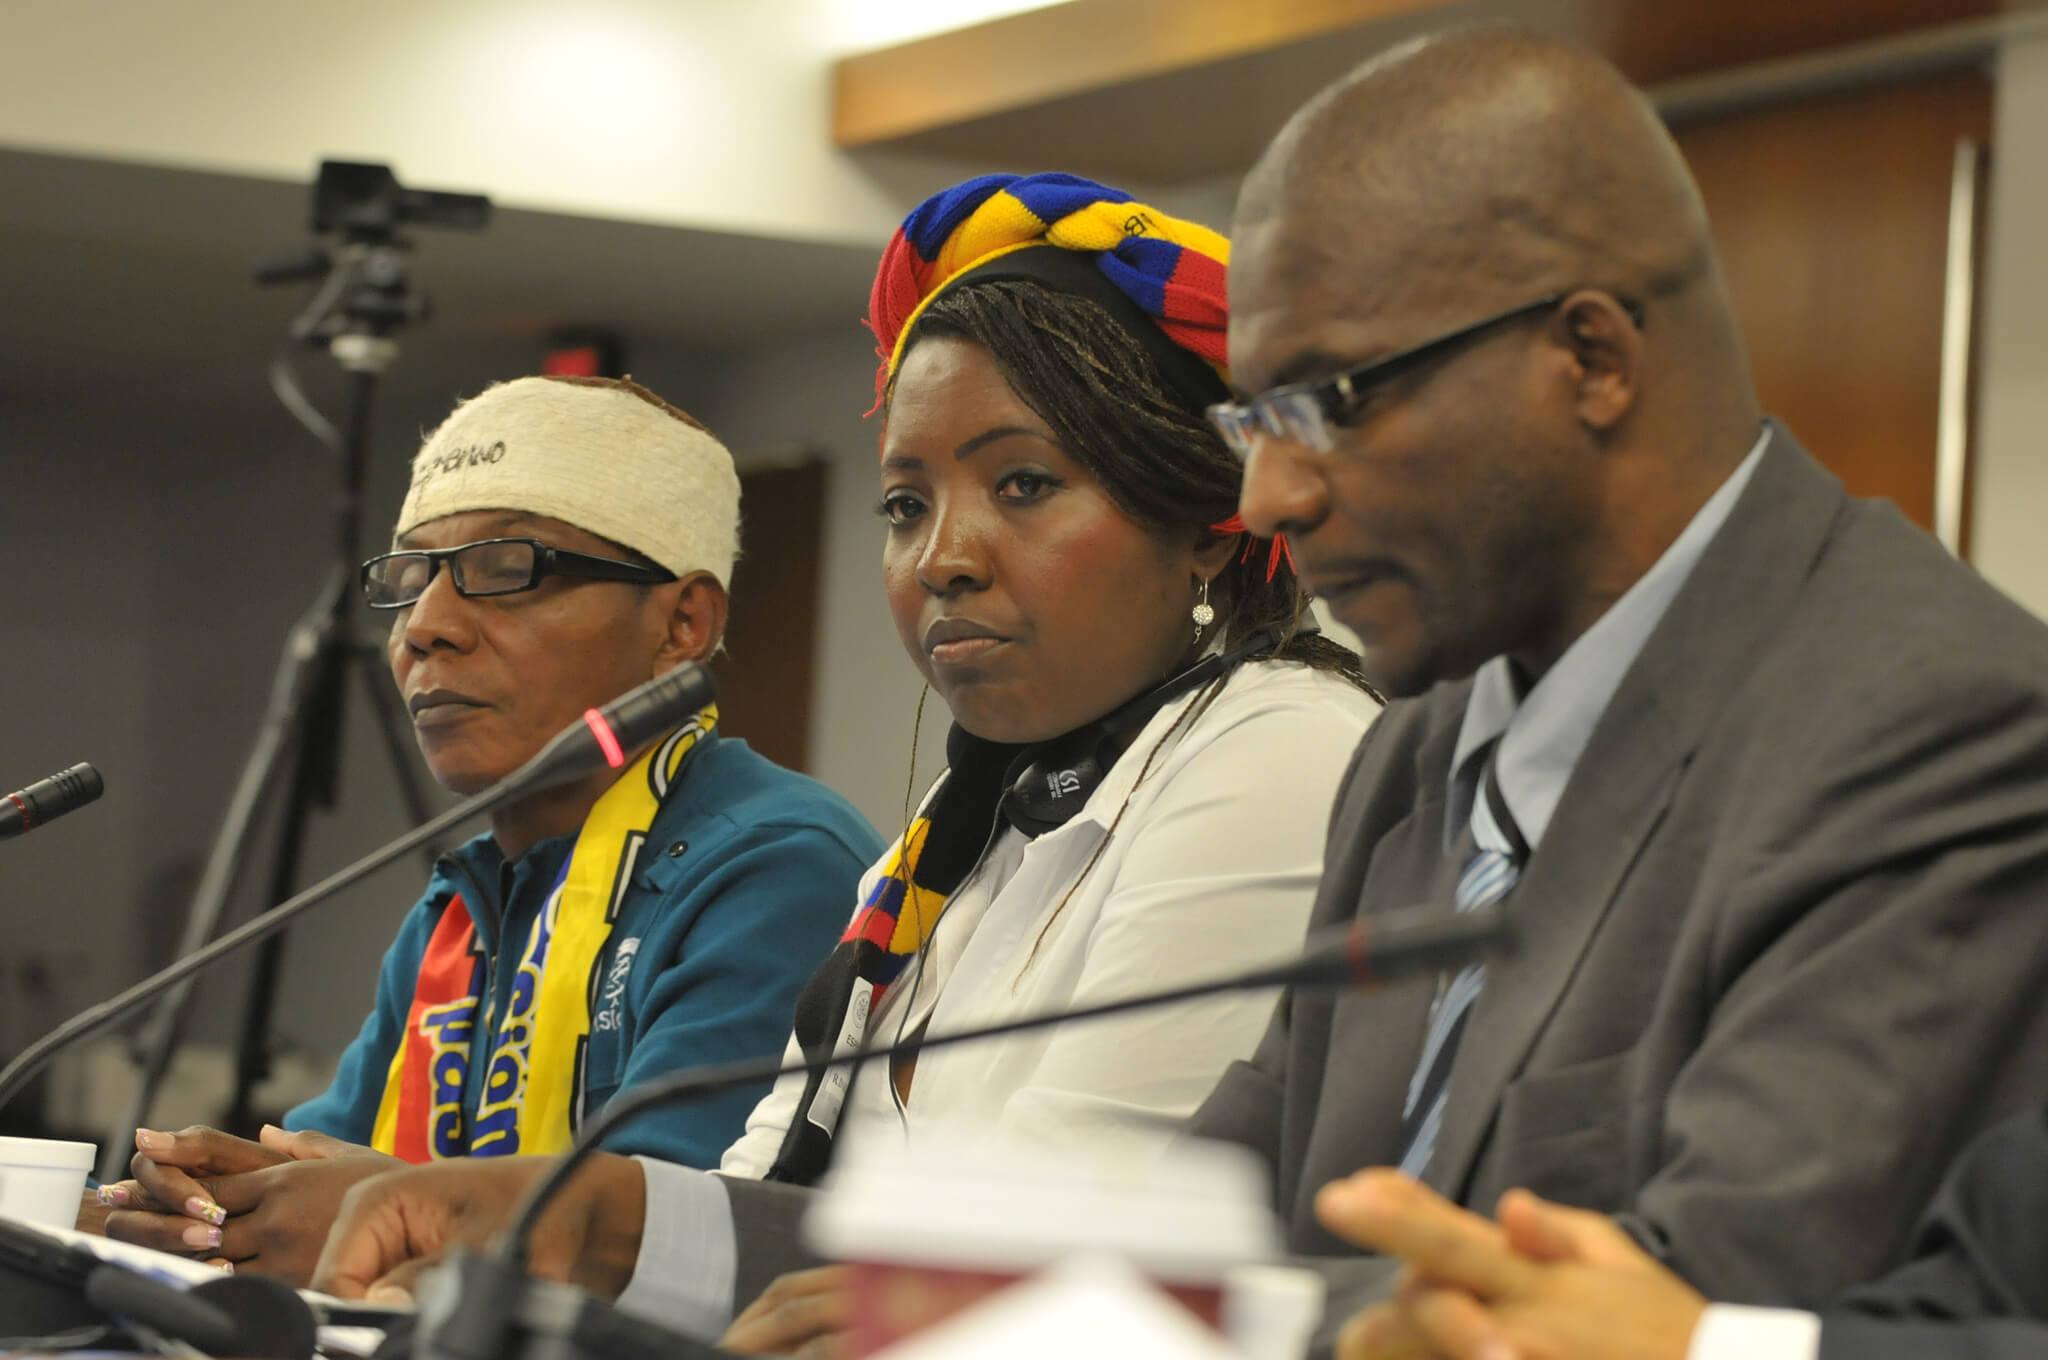 Amenazan a tres líderes afro, y las autoridades no actúan